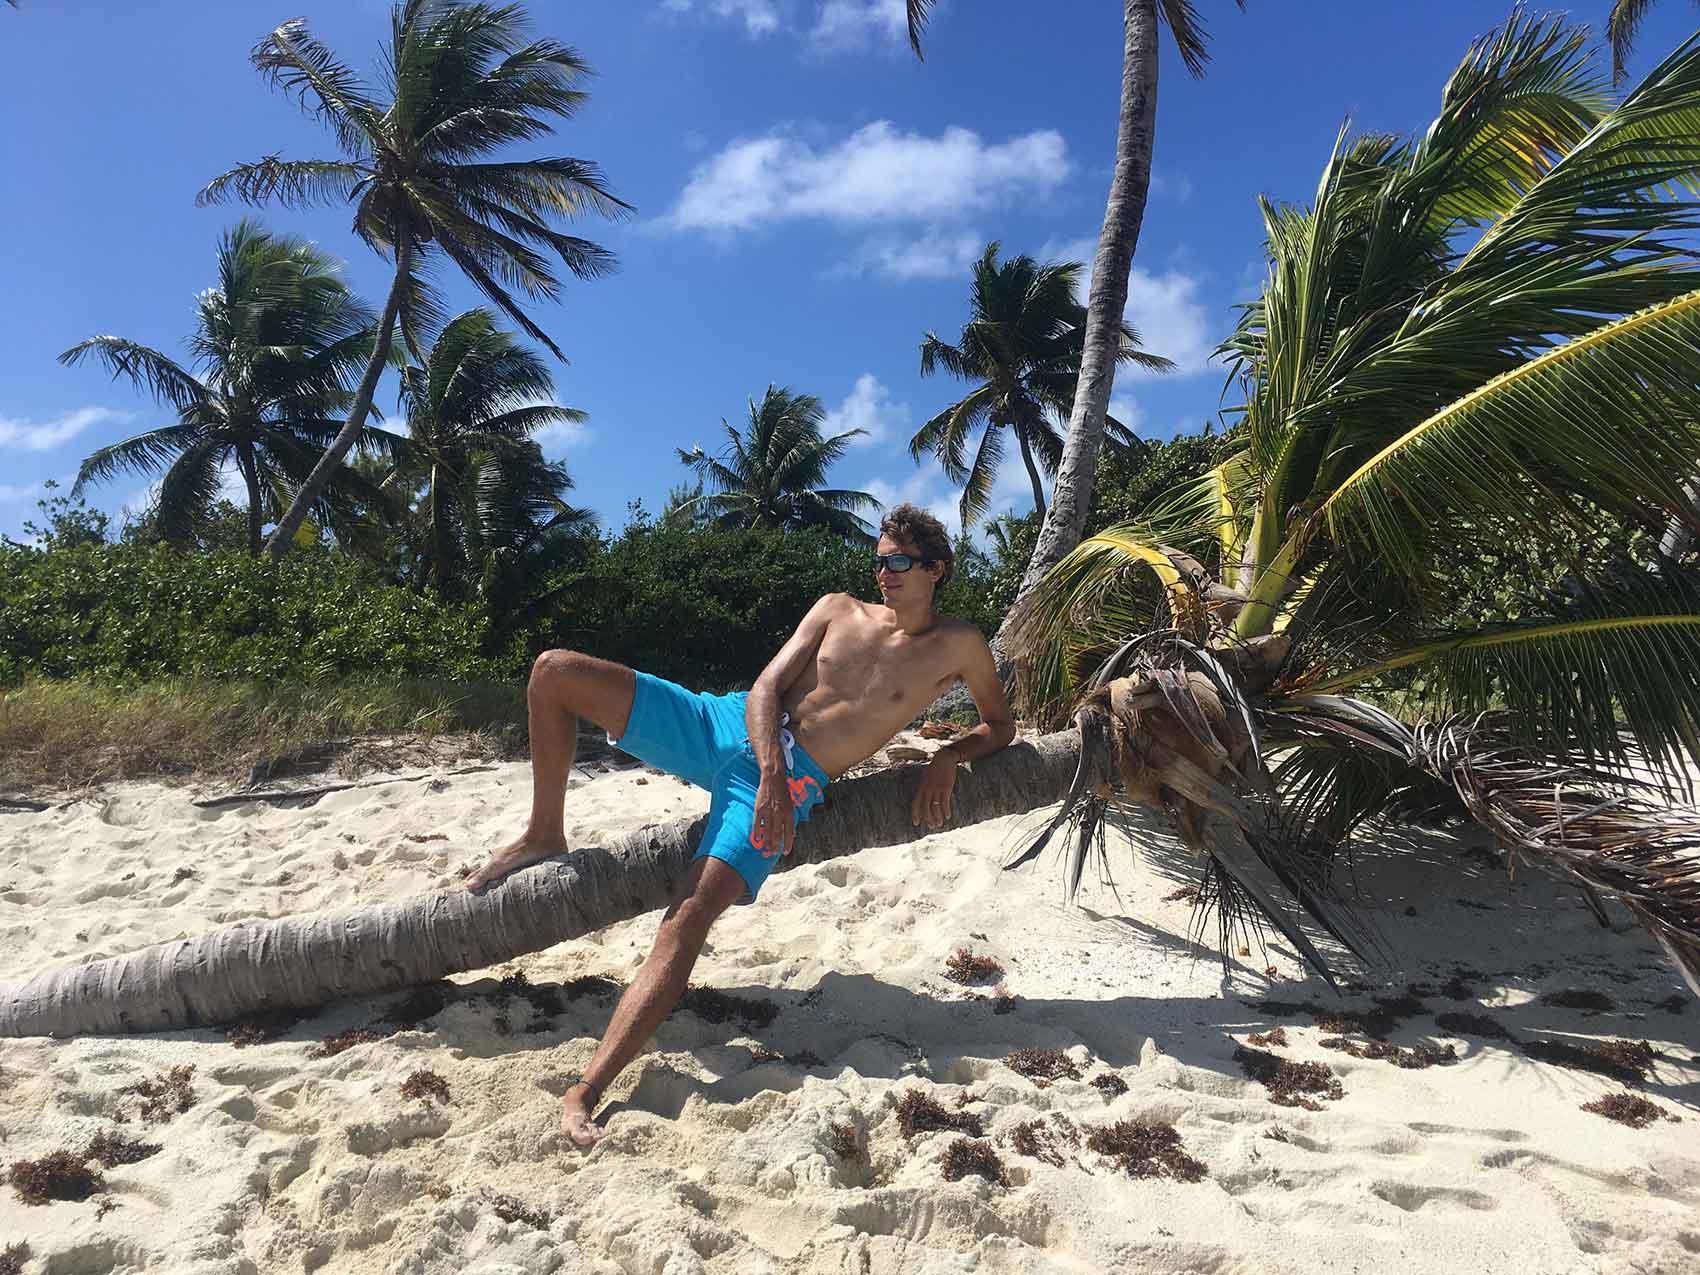 Damien sur un cocotier sur l'île de Petit Tabac.